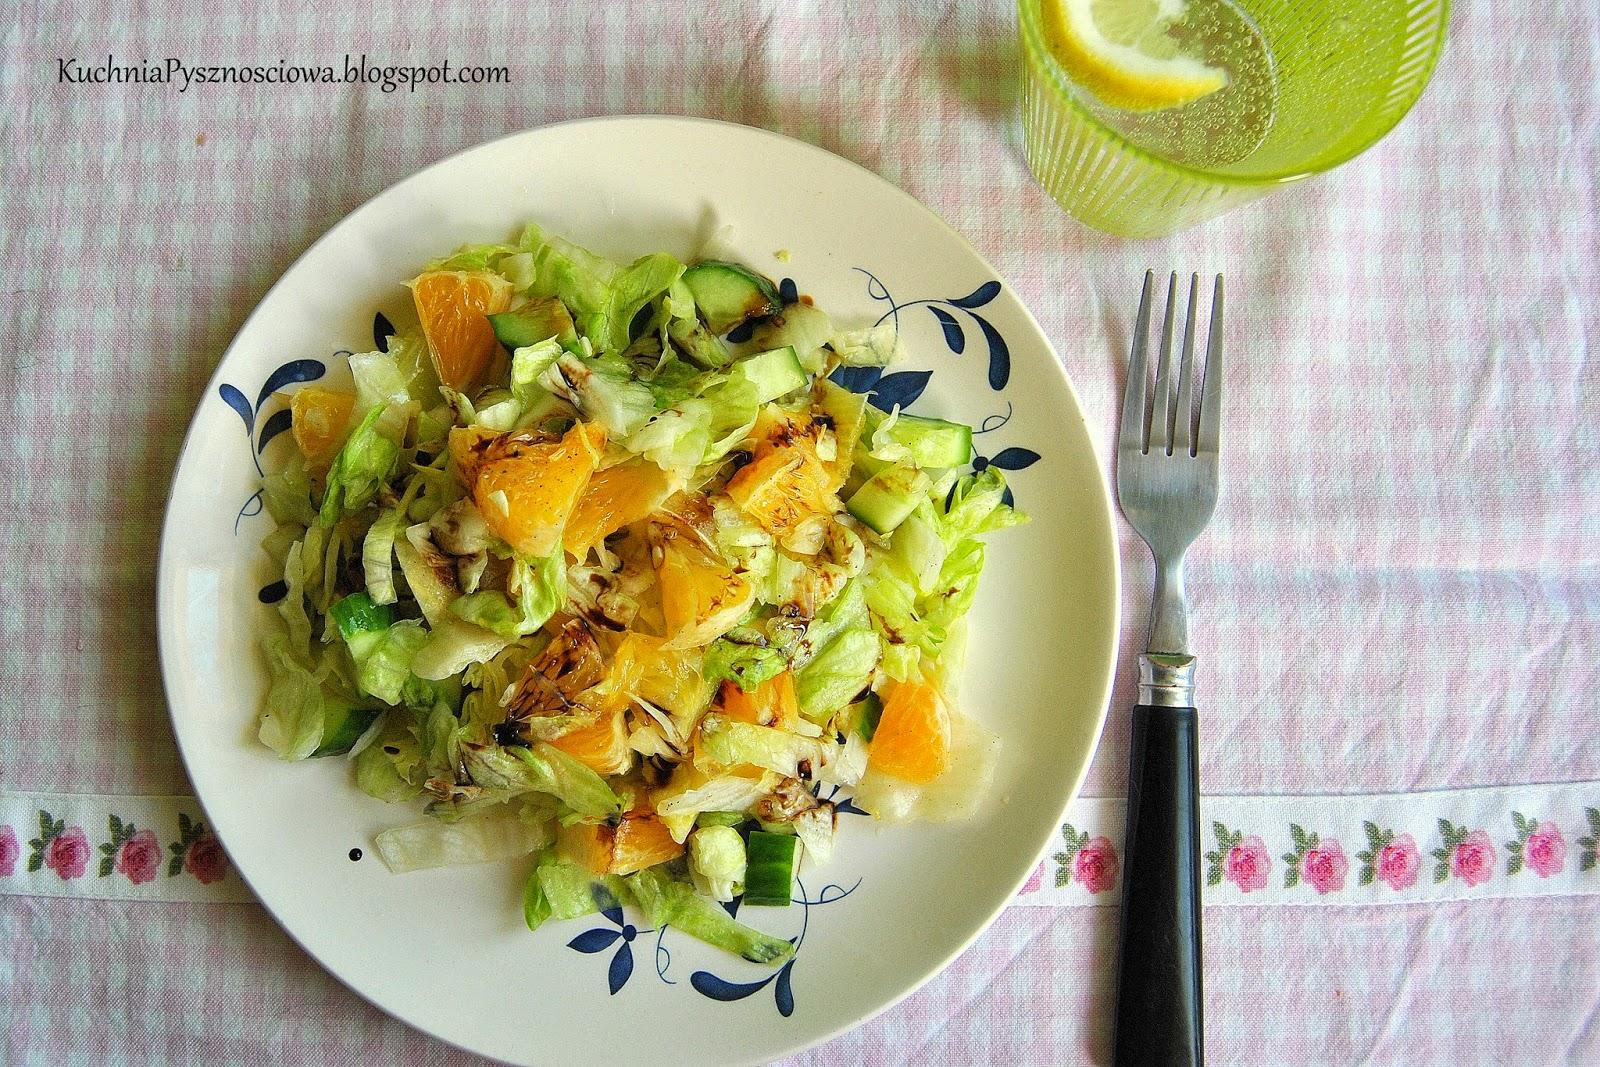 271. Chrupiąca sałatka z pomarańczami i zielonym ogórkiem